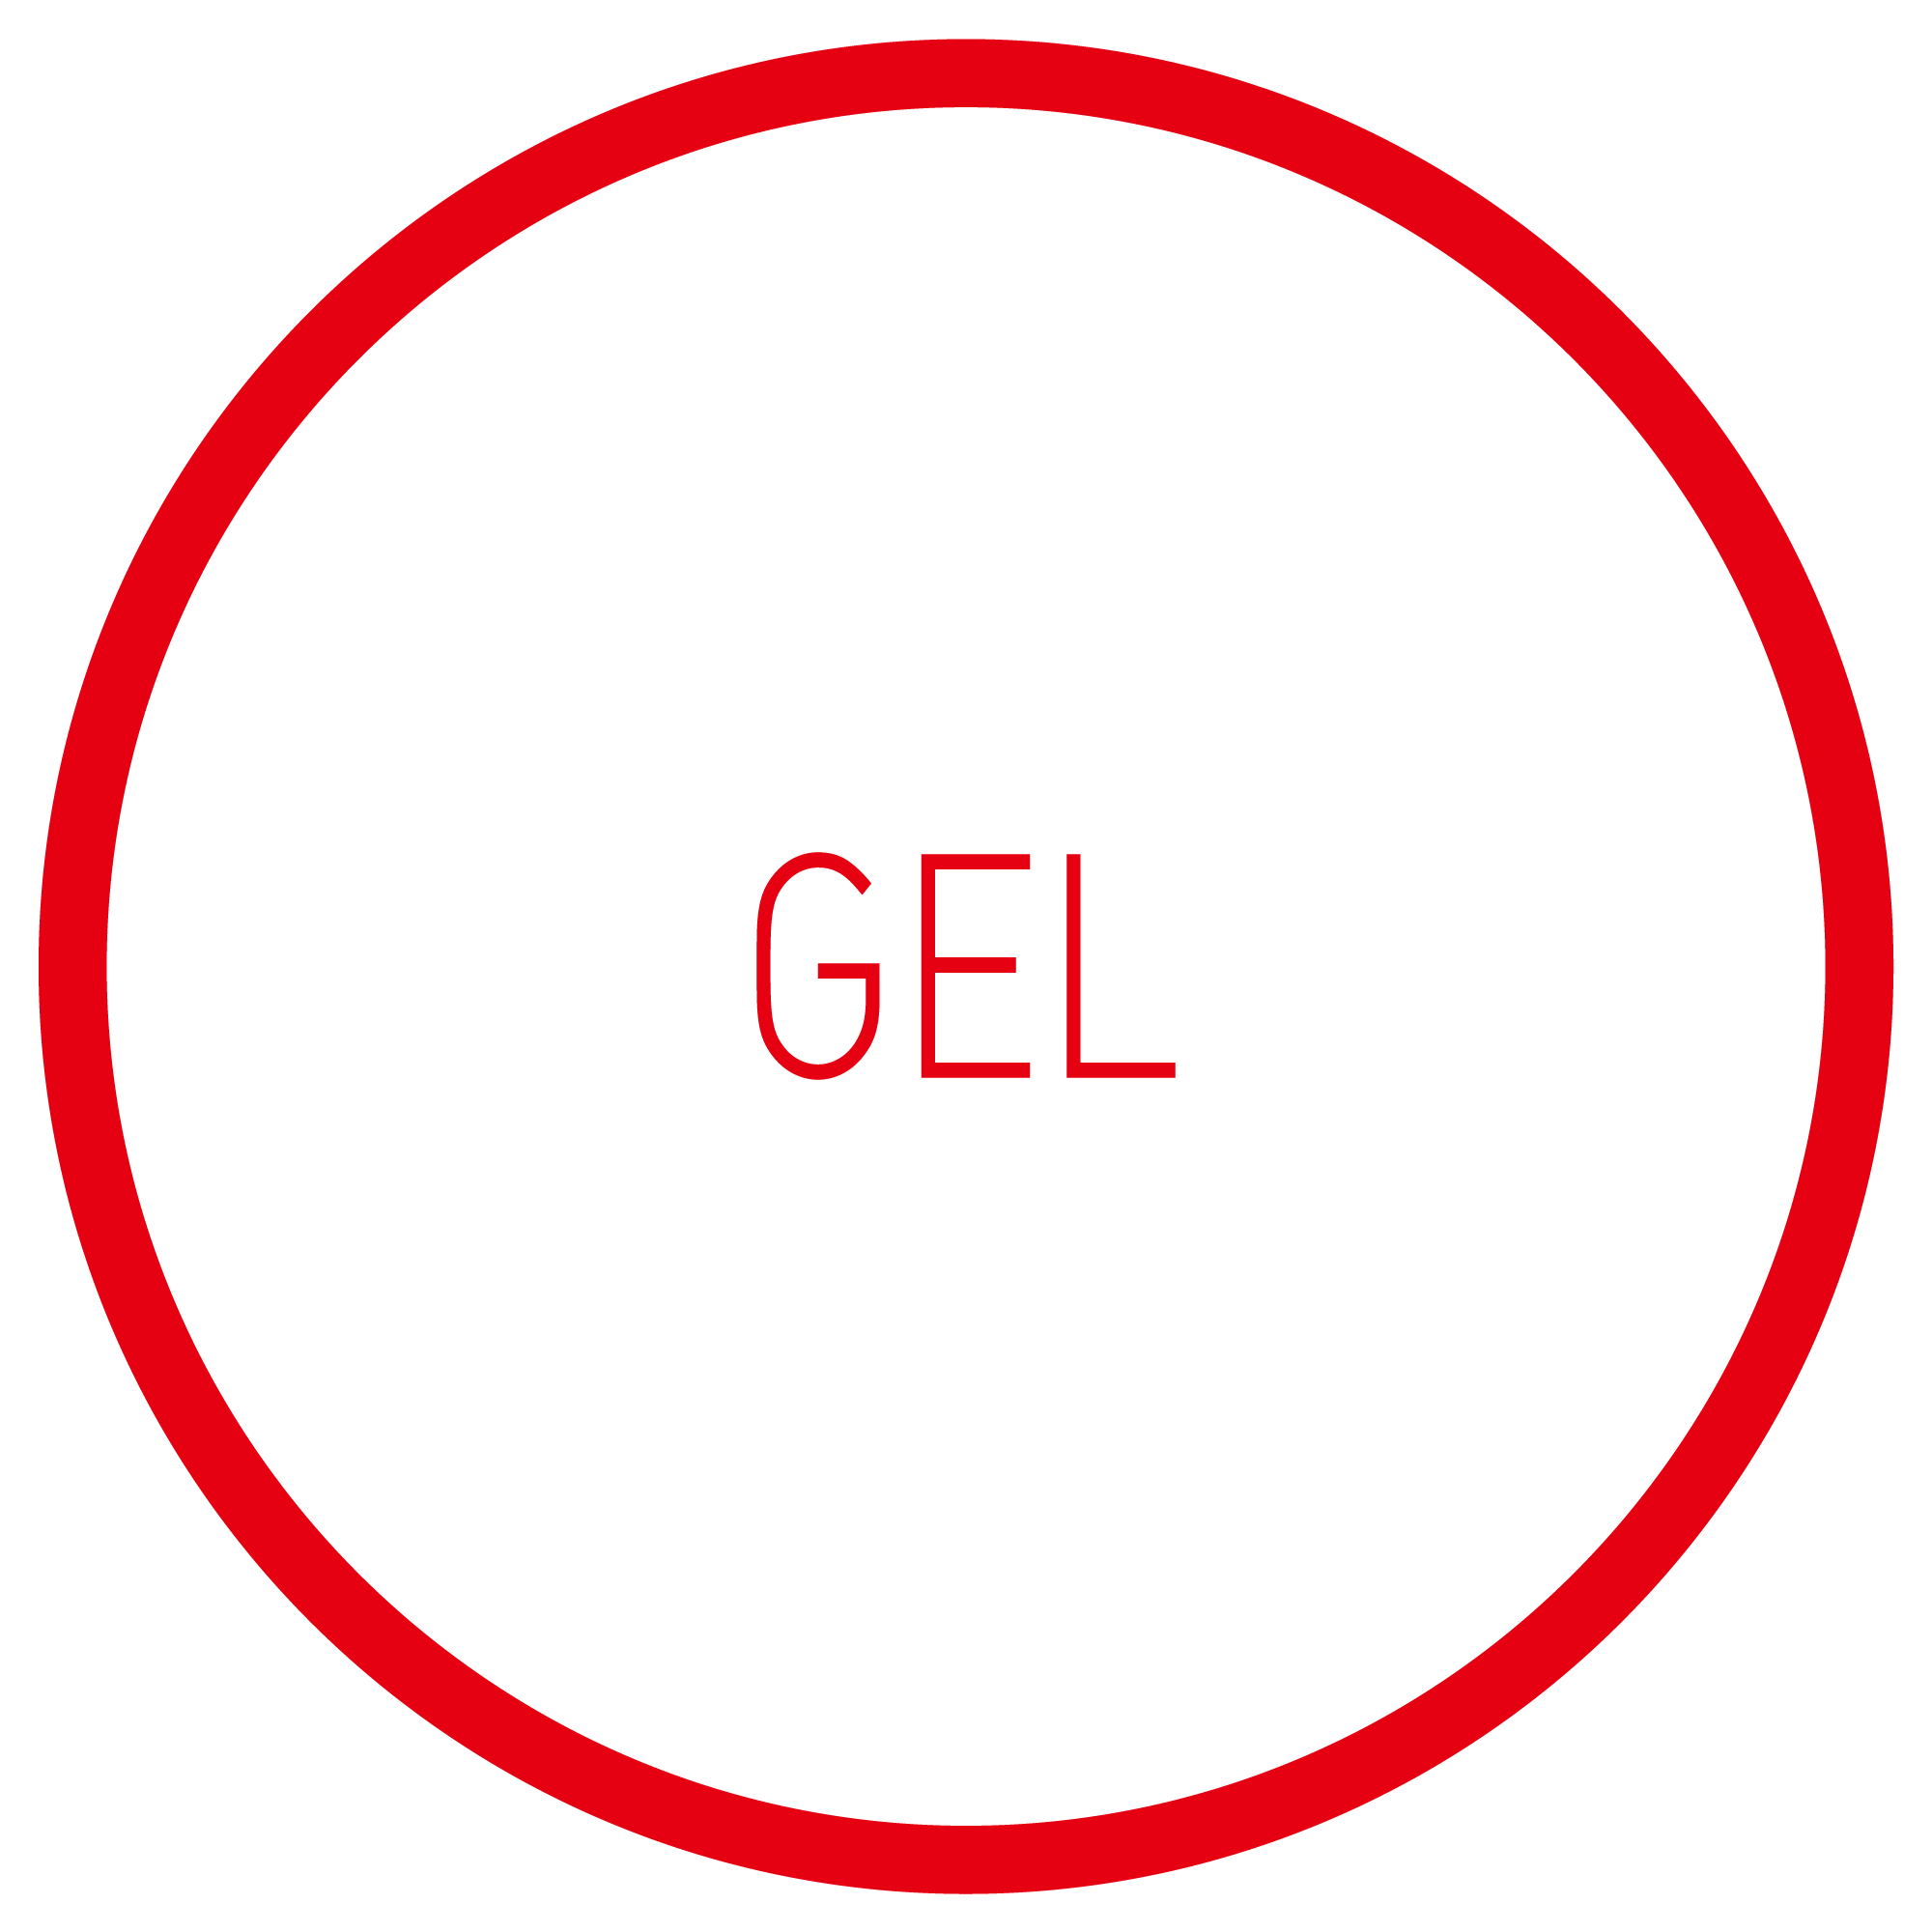 Selle-Italia-icon-10-gel